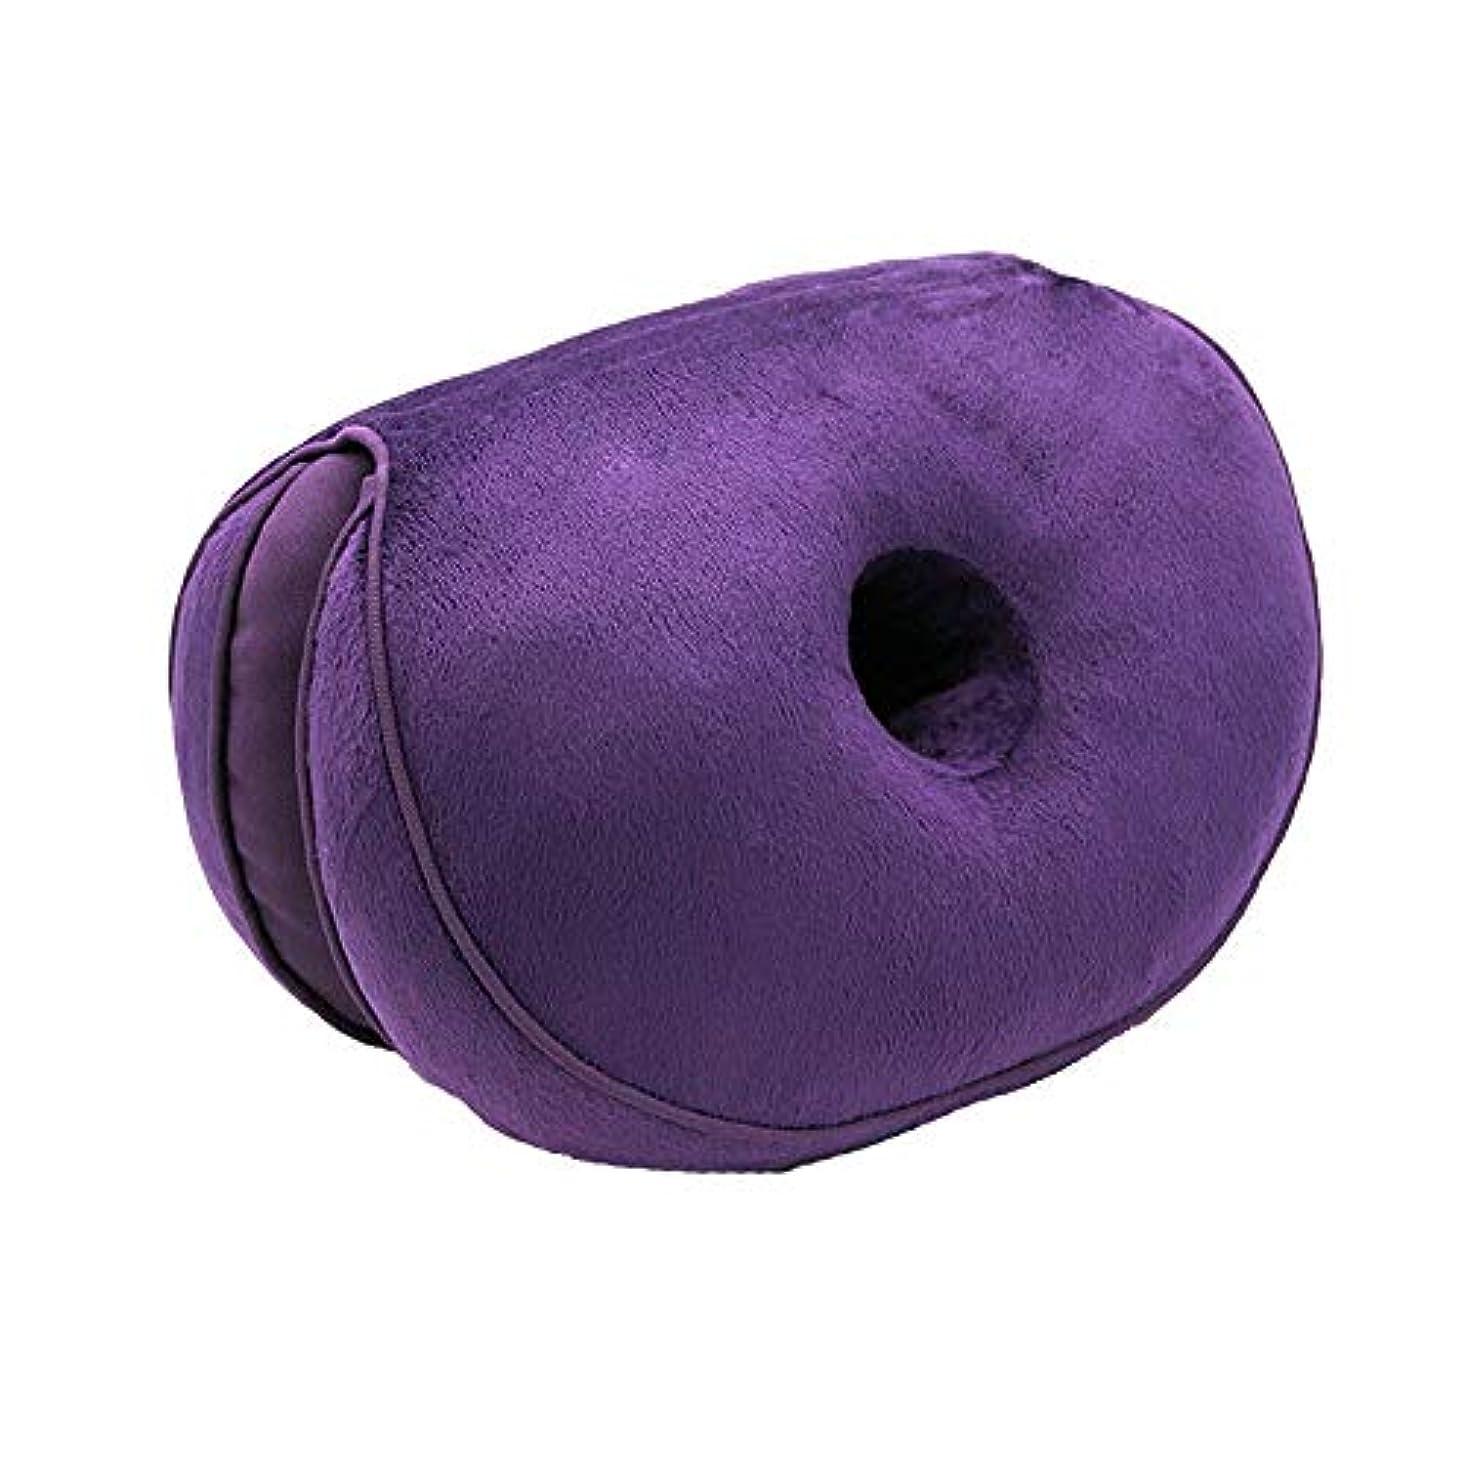 畝間インタフェースバスケットボールLIFE 新デュアルシートクッション低反発ラテックスオフィスチェアバックシートクッション快適な臀部マットパッド枕旅行枕女性女の子 クッション 椅子